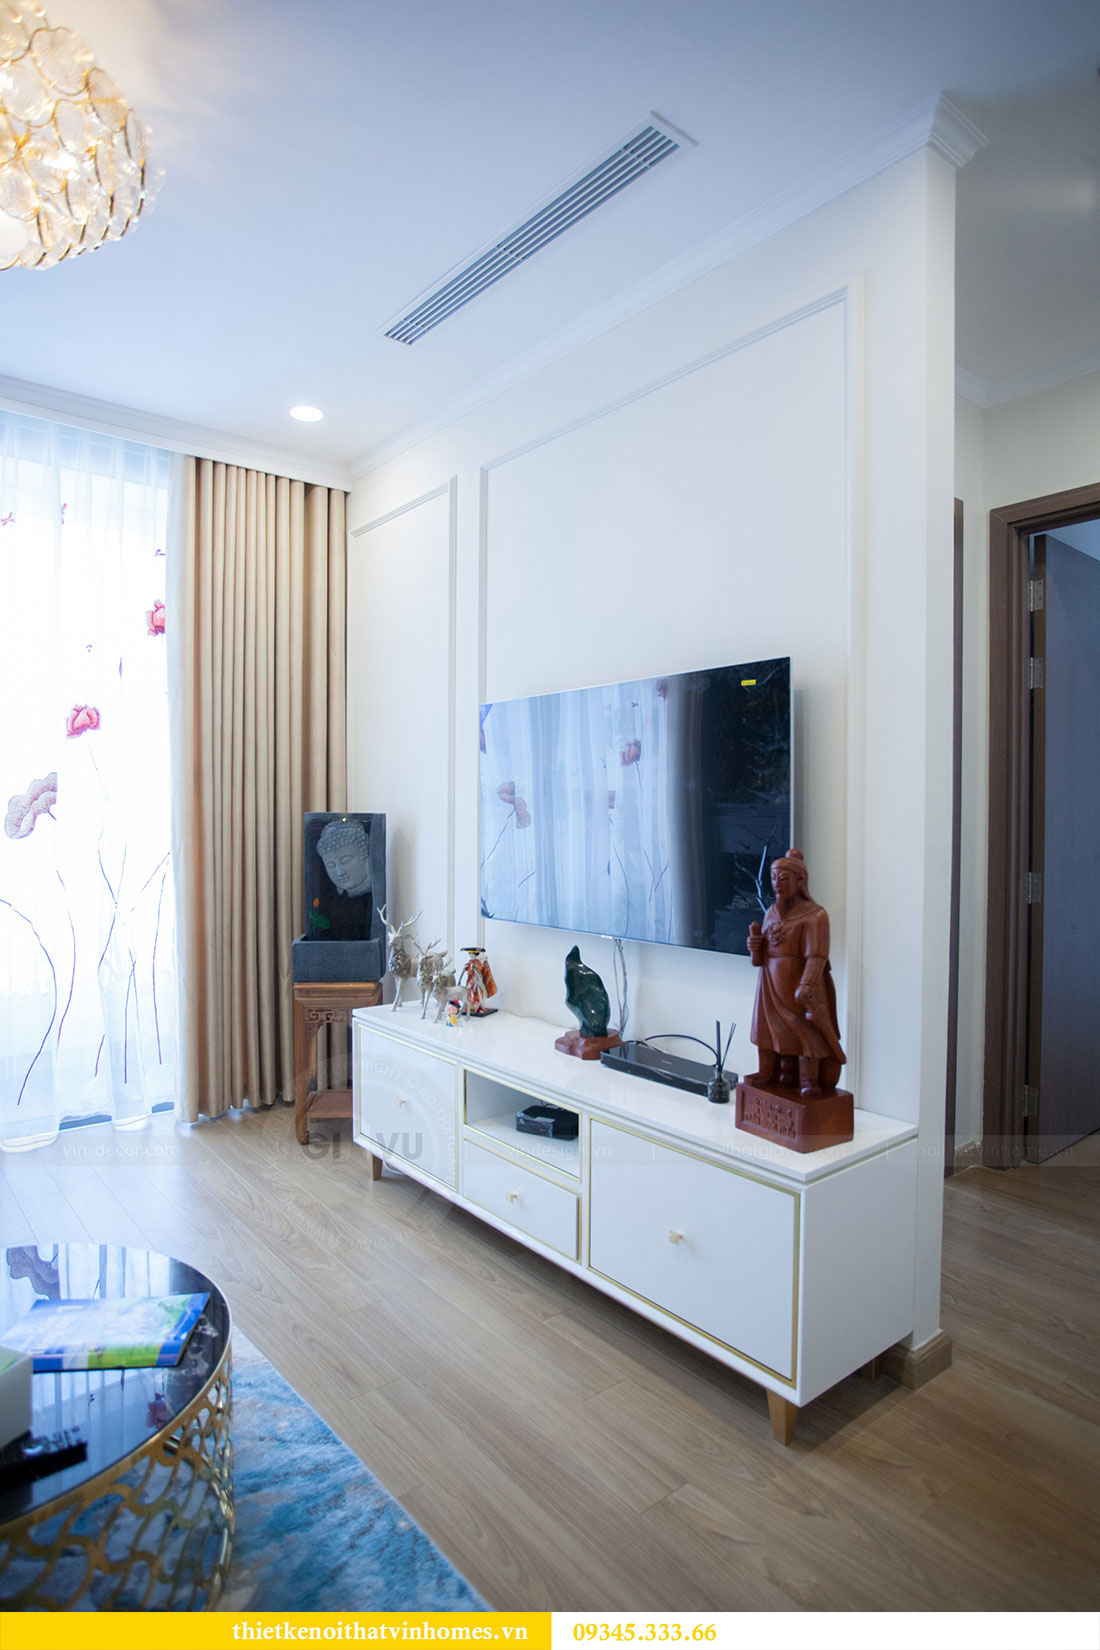 Hoàn thiện nội thất chung cư Dcapitale căn 2 phòng ngủ 5